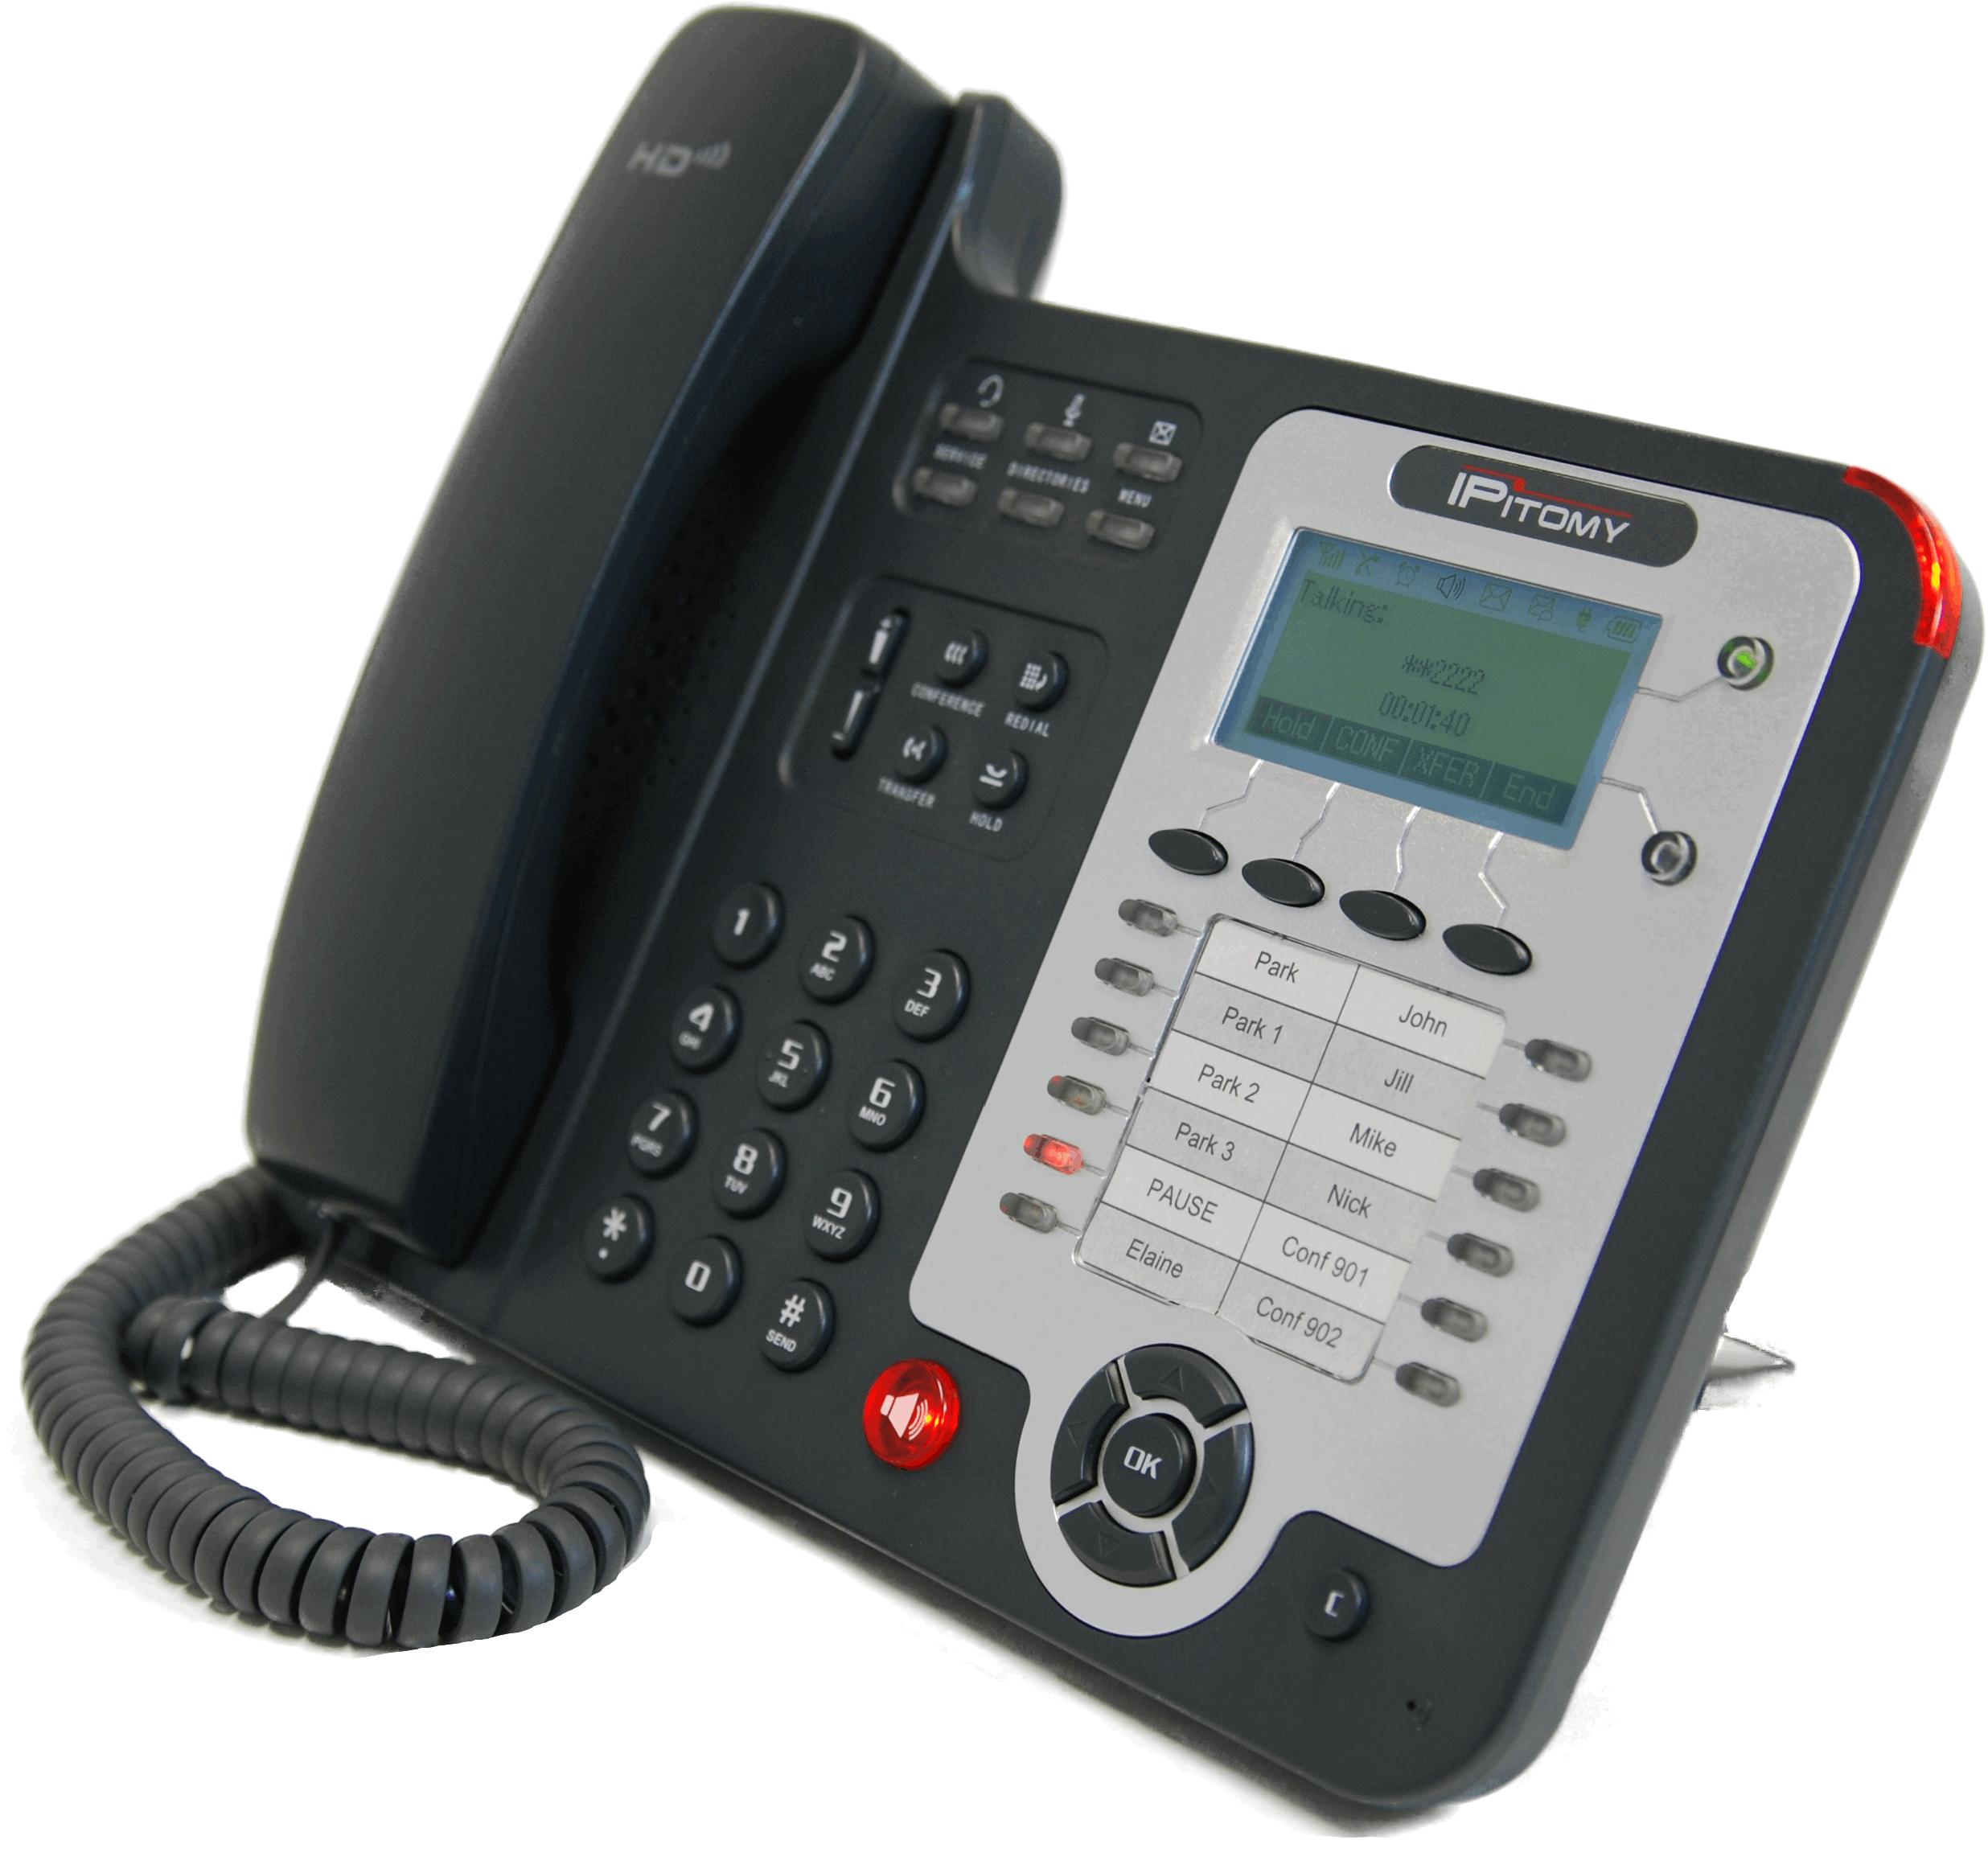 telefon yealink t46g bedienungsanleitung